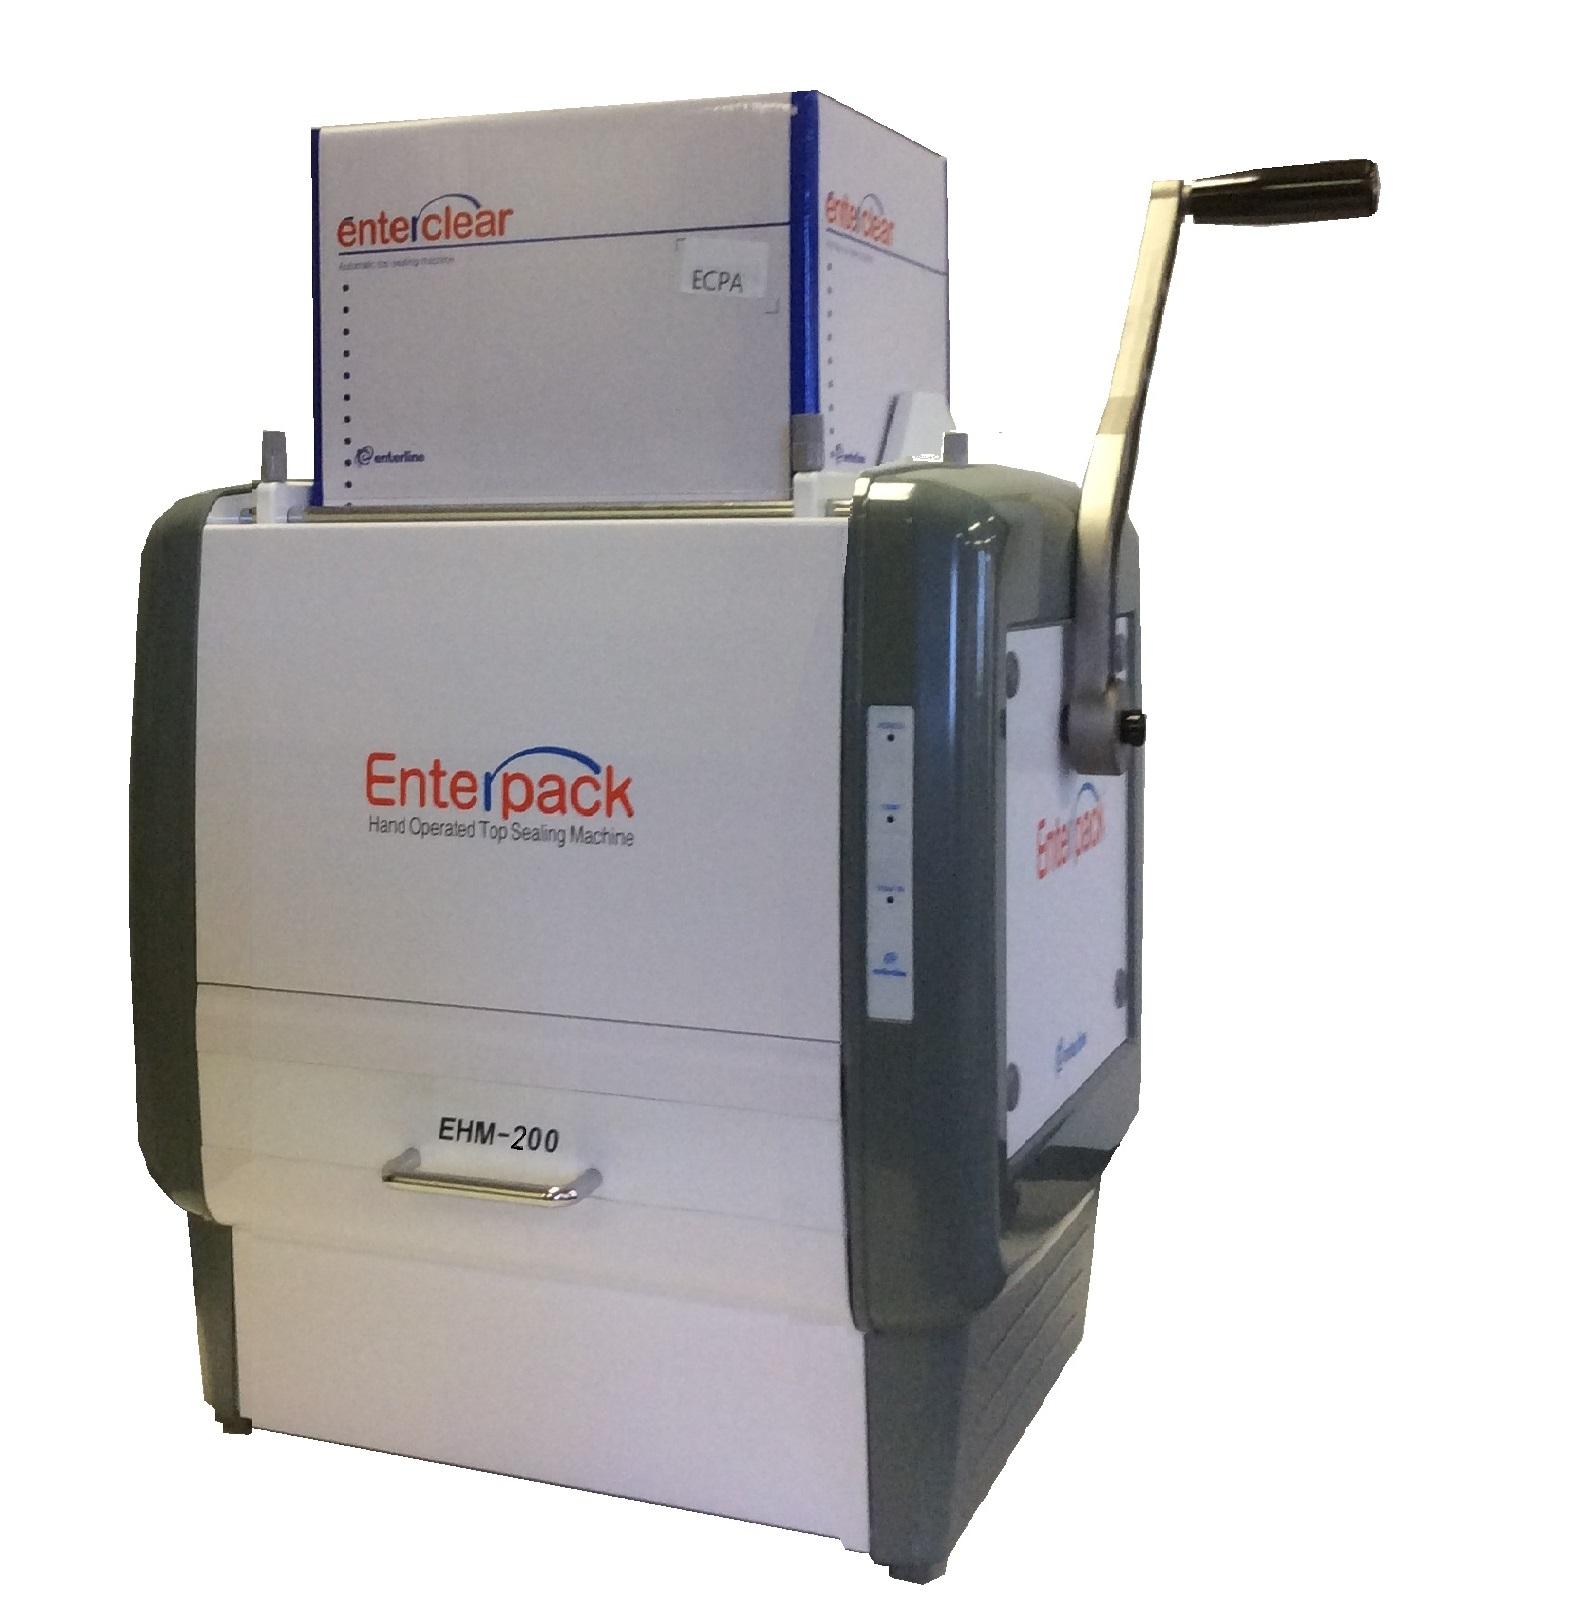 EHM 200 ENTERPACK MANUAL TRAY SEALING MACHINE